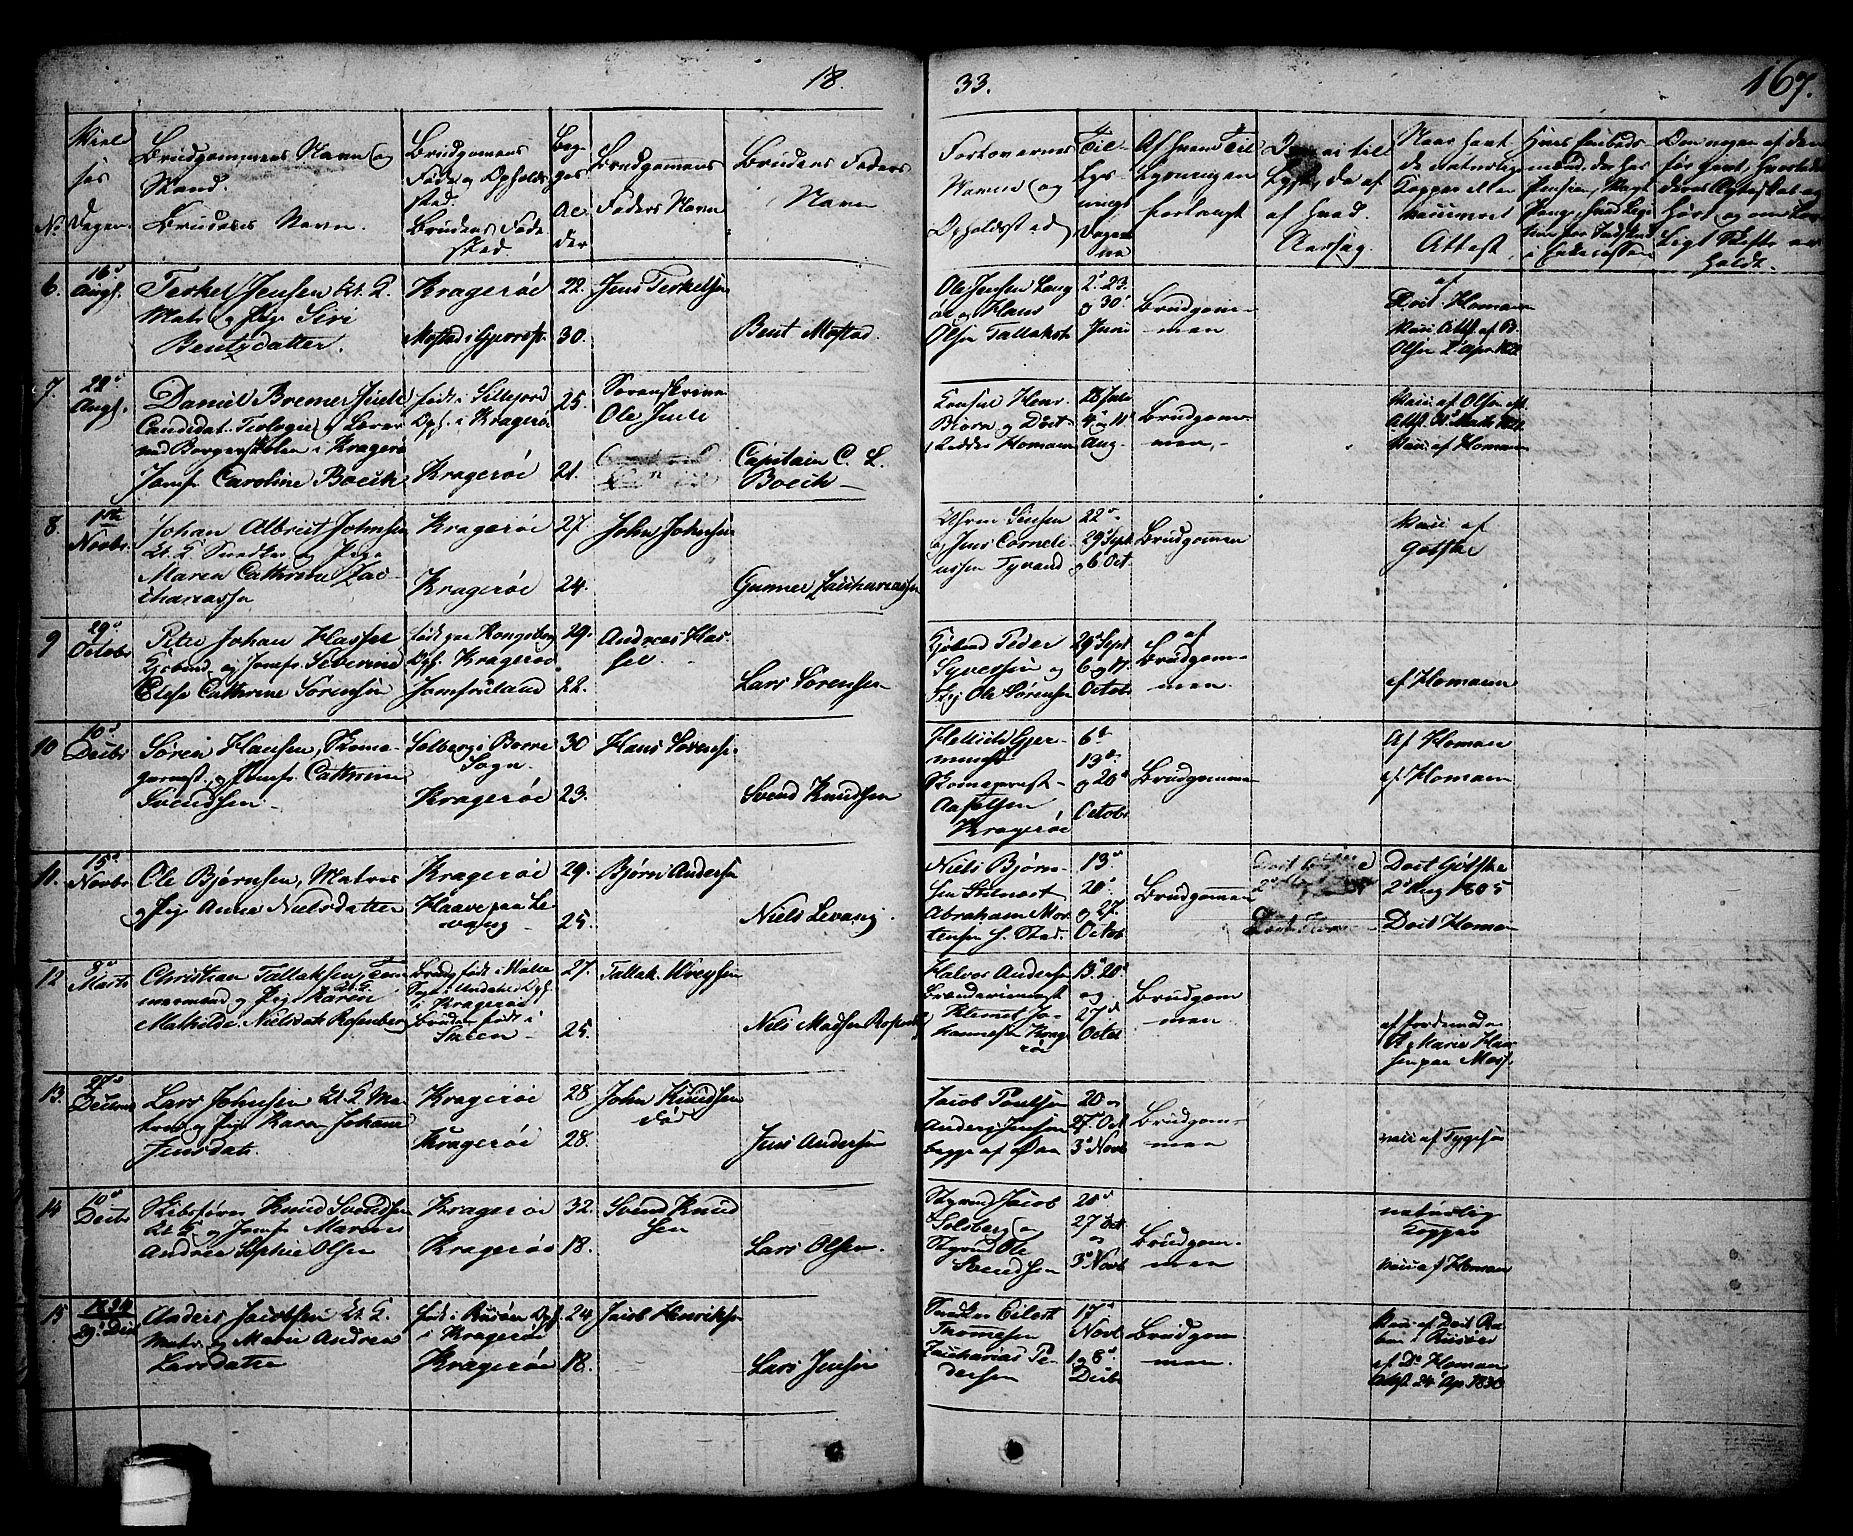 SAKO, Kragerø kirkebøker, G/Ga/L0003: Klokkerbok nr. 3, 1832-1852, s. 167